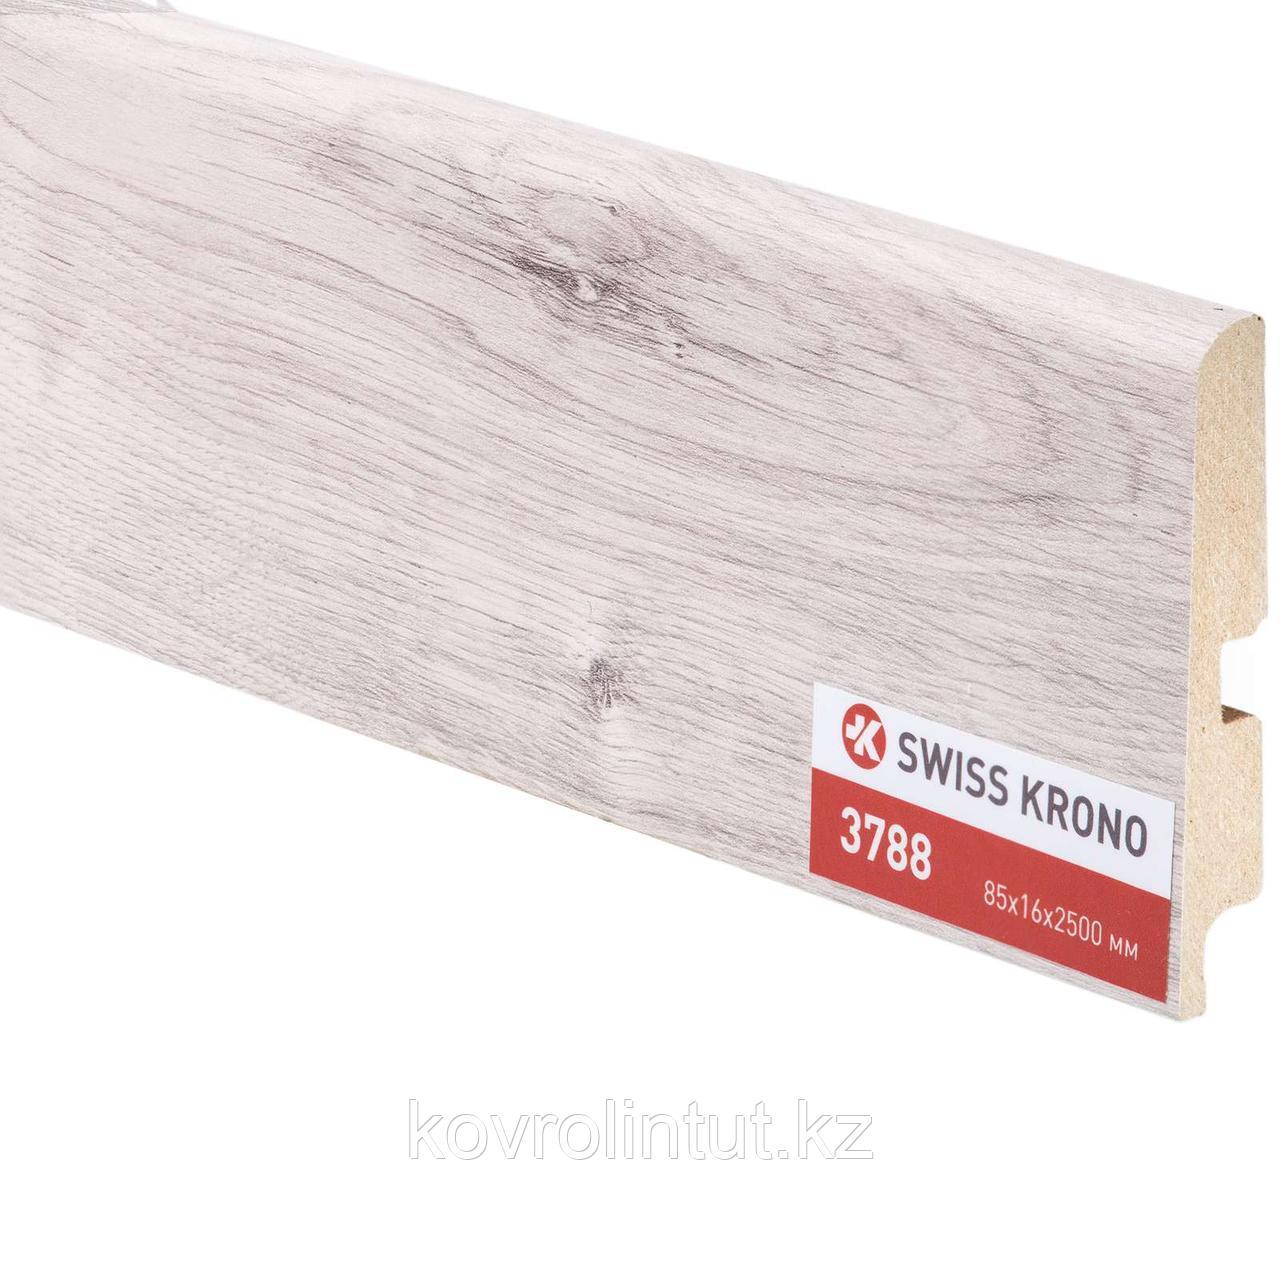 Плинтус Kronopol P85 3788 Atlantic Oak 2500х85х16мм